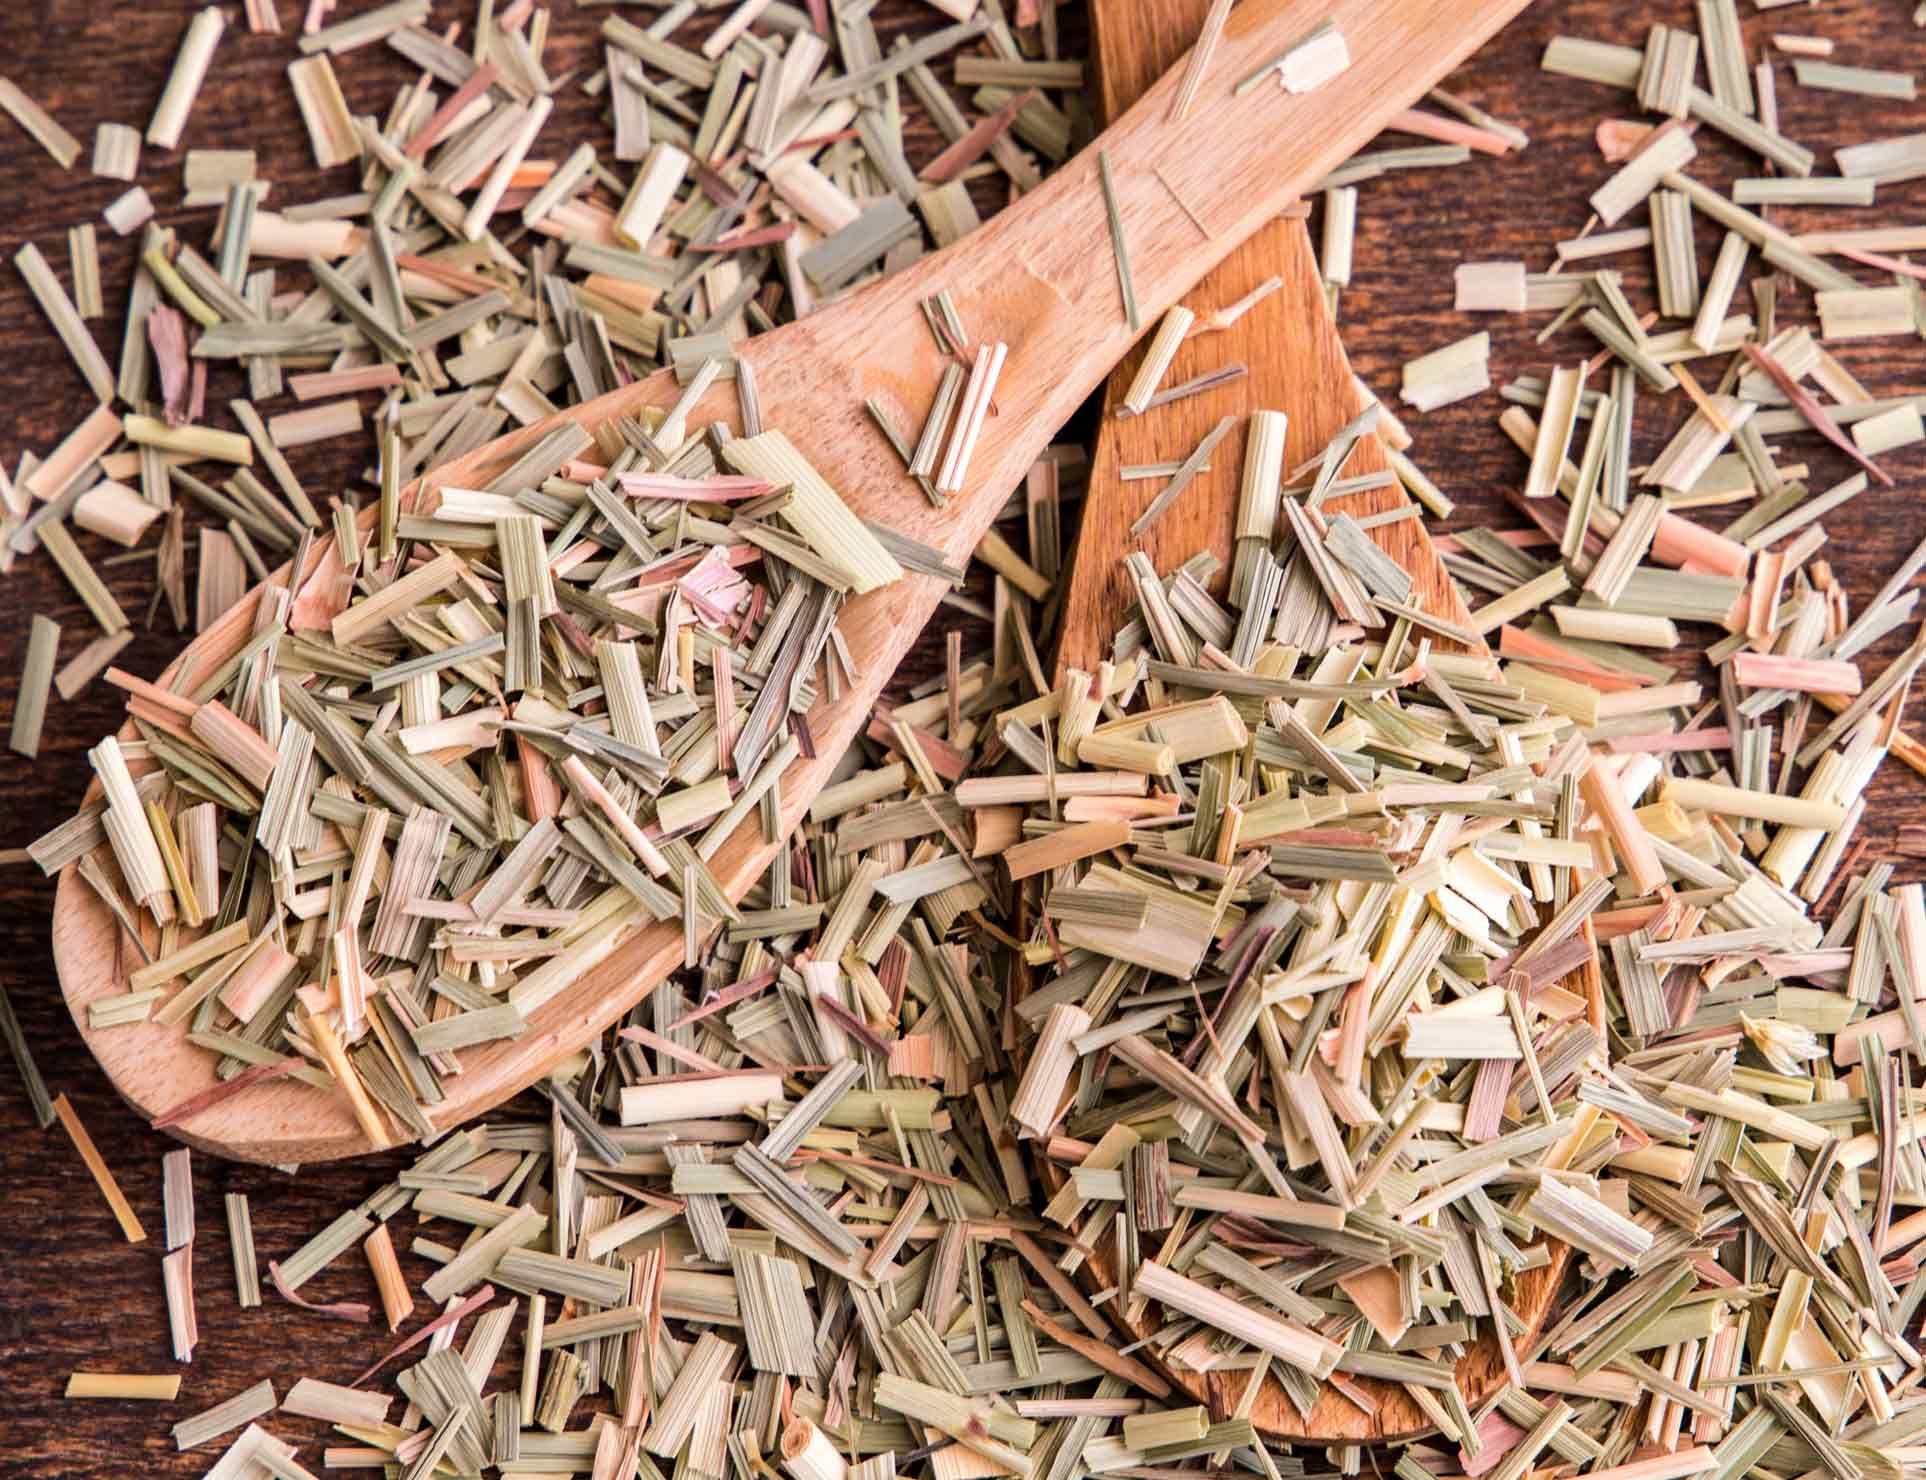 lemongrass, cymbopogon citratus, fever grass